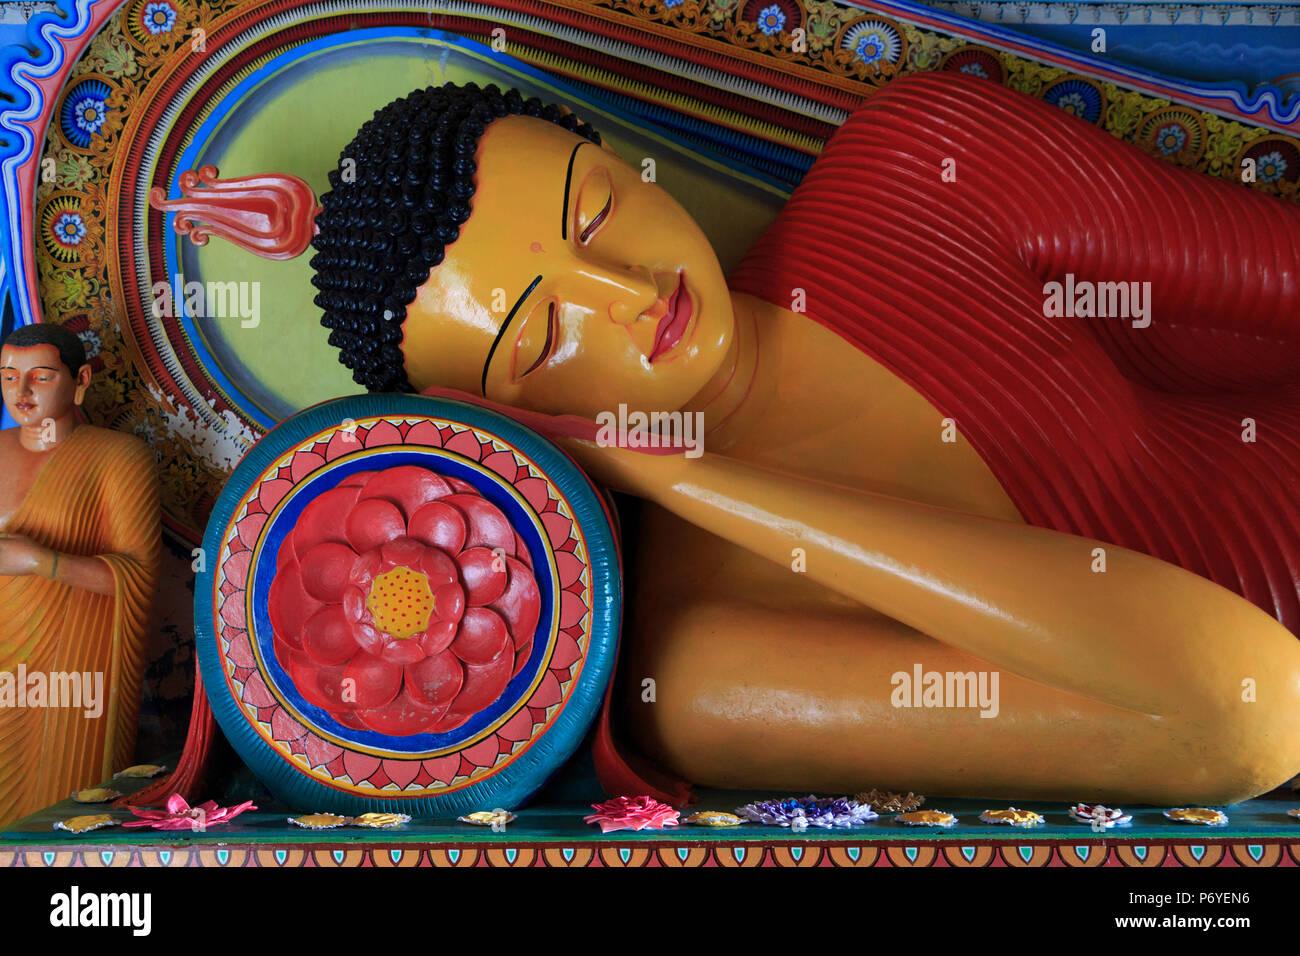 Sri Lanka, Anuradhapura (Unesco Site), Isurumuniya Temple, Reclining Buddha Stock Photo